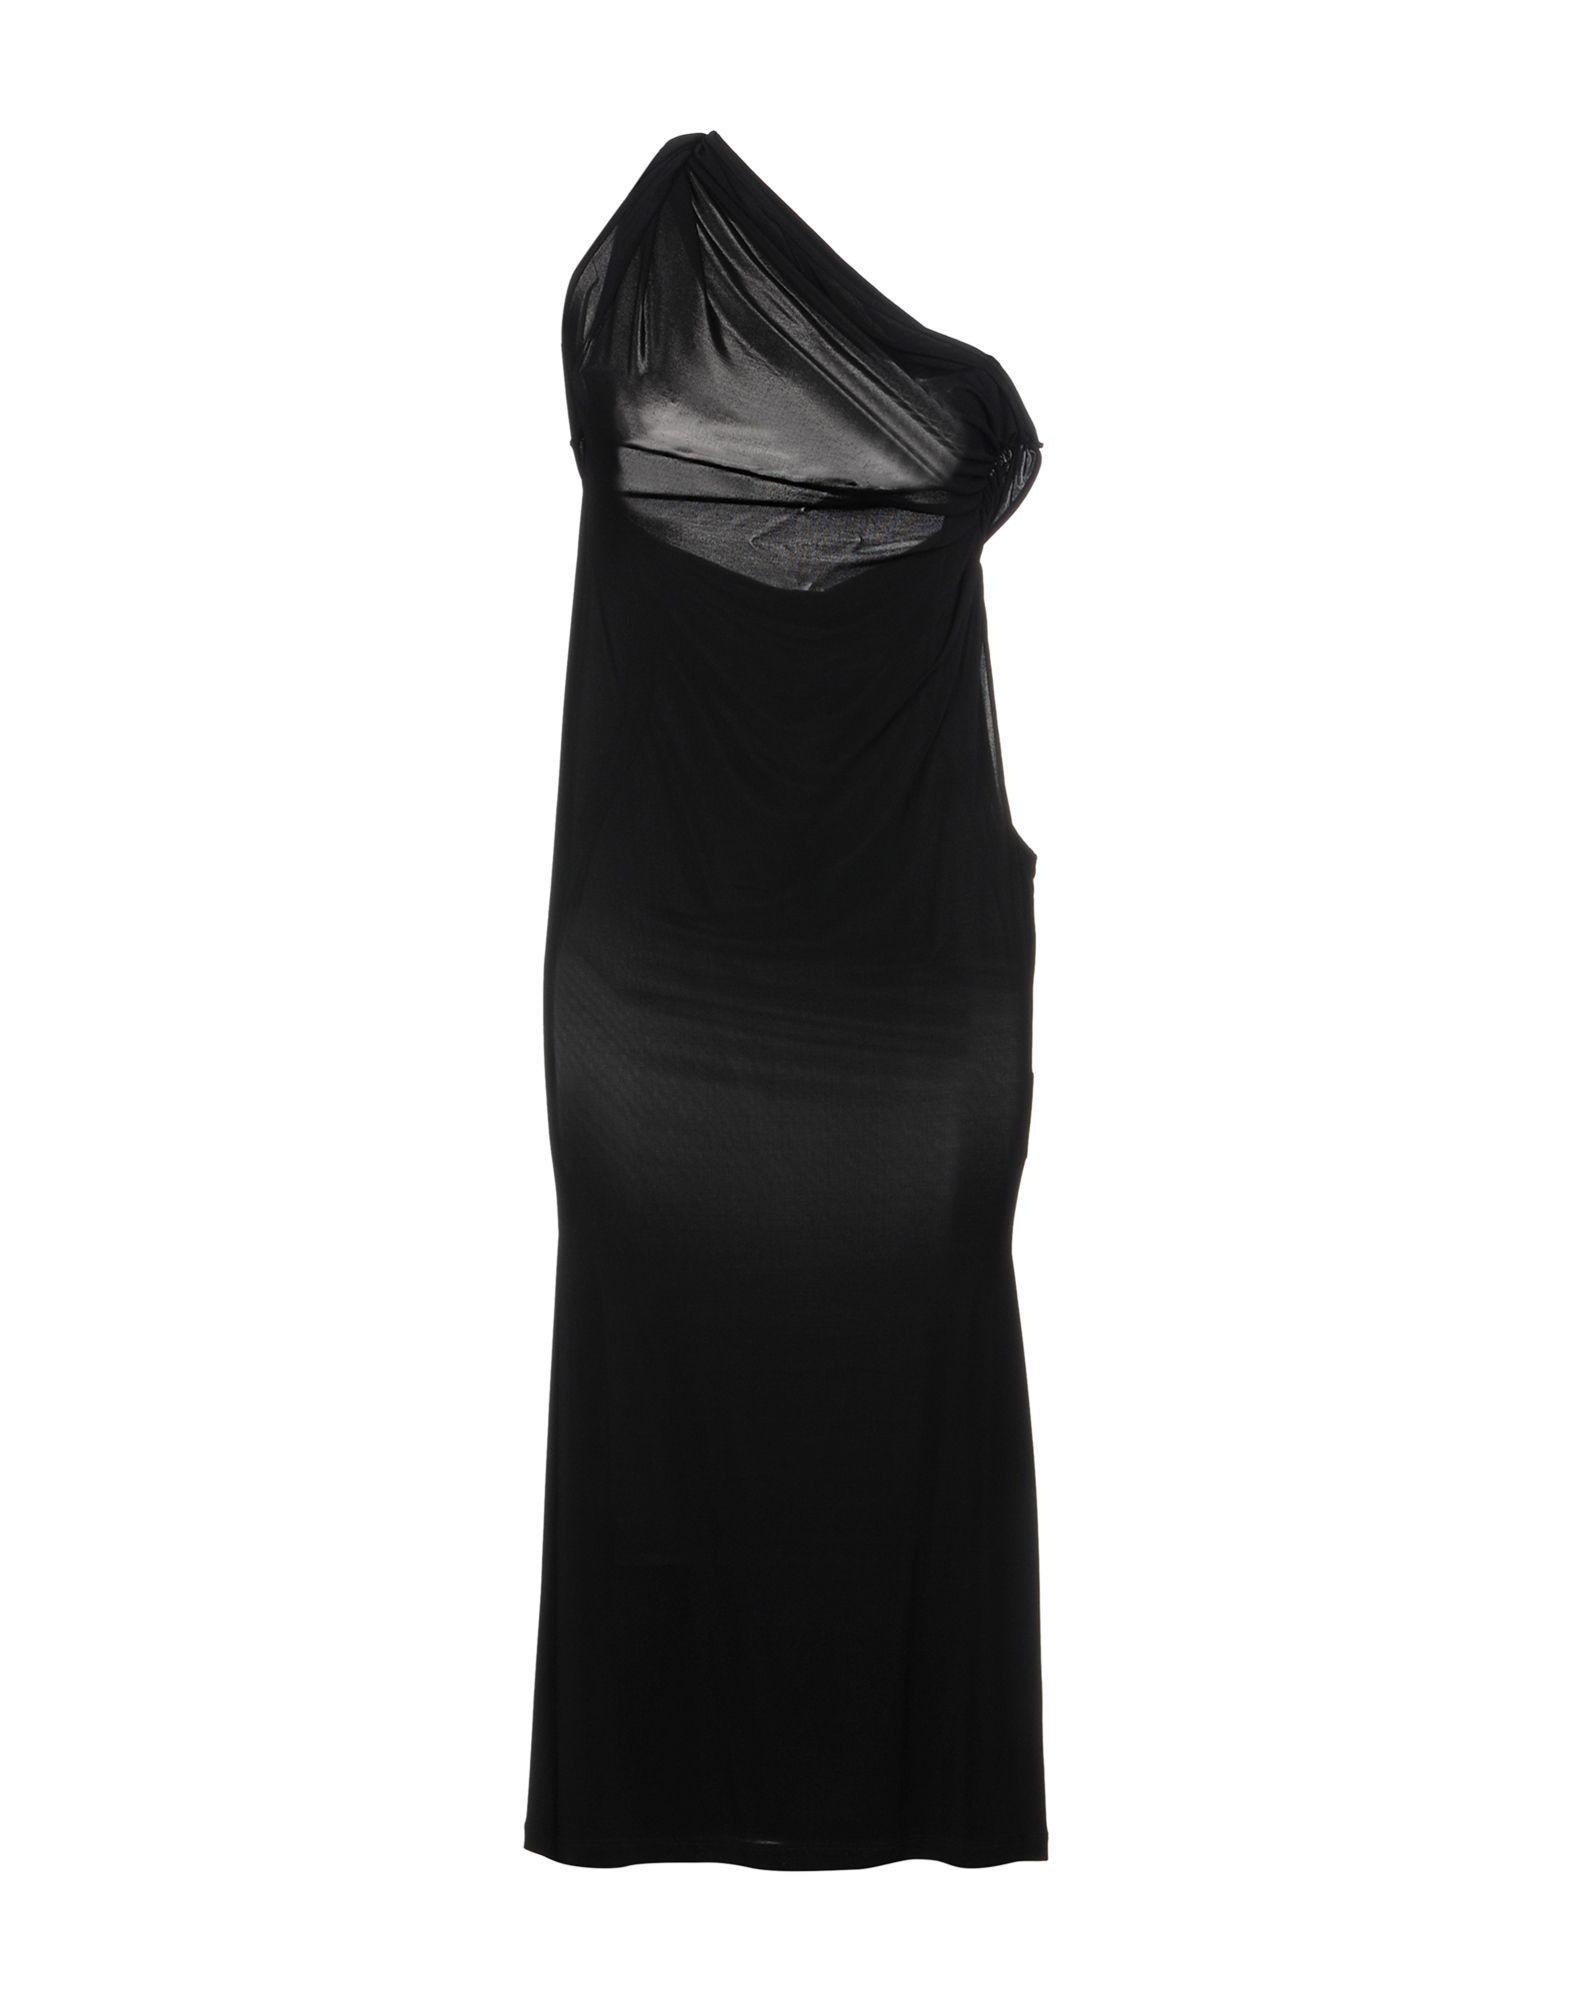 RICHMOND X Платье длиной 3/4 платье richmond x платья и сарафаны на новый год